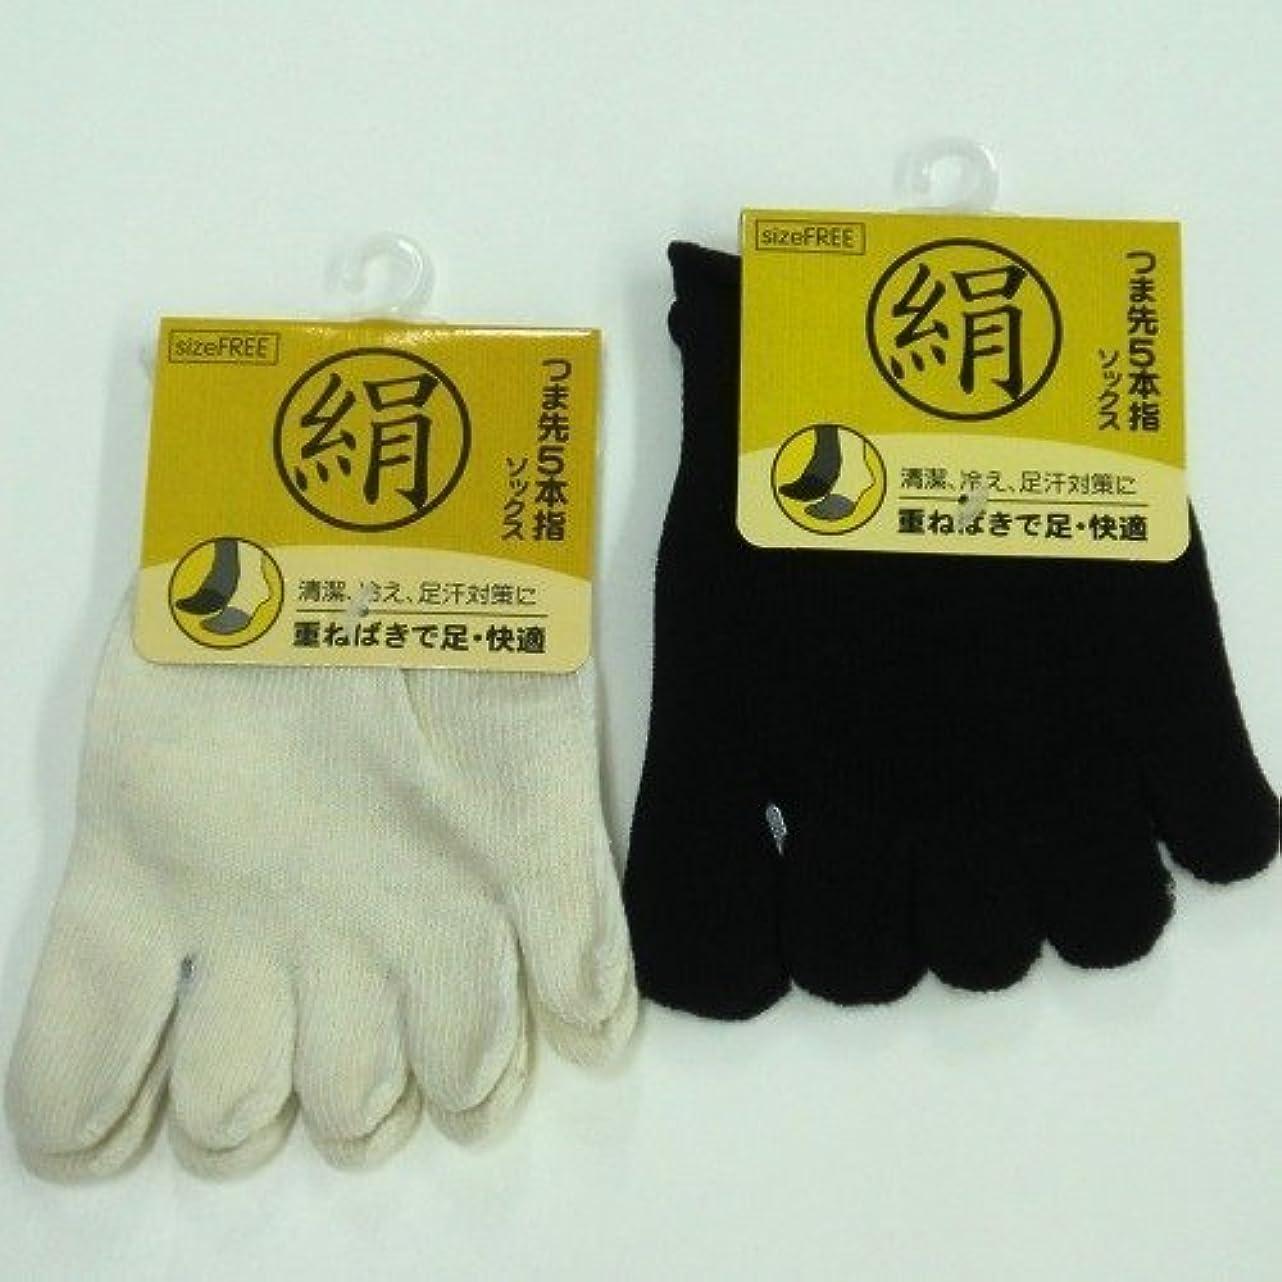 対称ペース哲学シルク 5本指ハーフソックス 足指カバー 天然素材絹で抗菌防臭 4足組